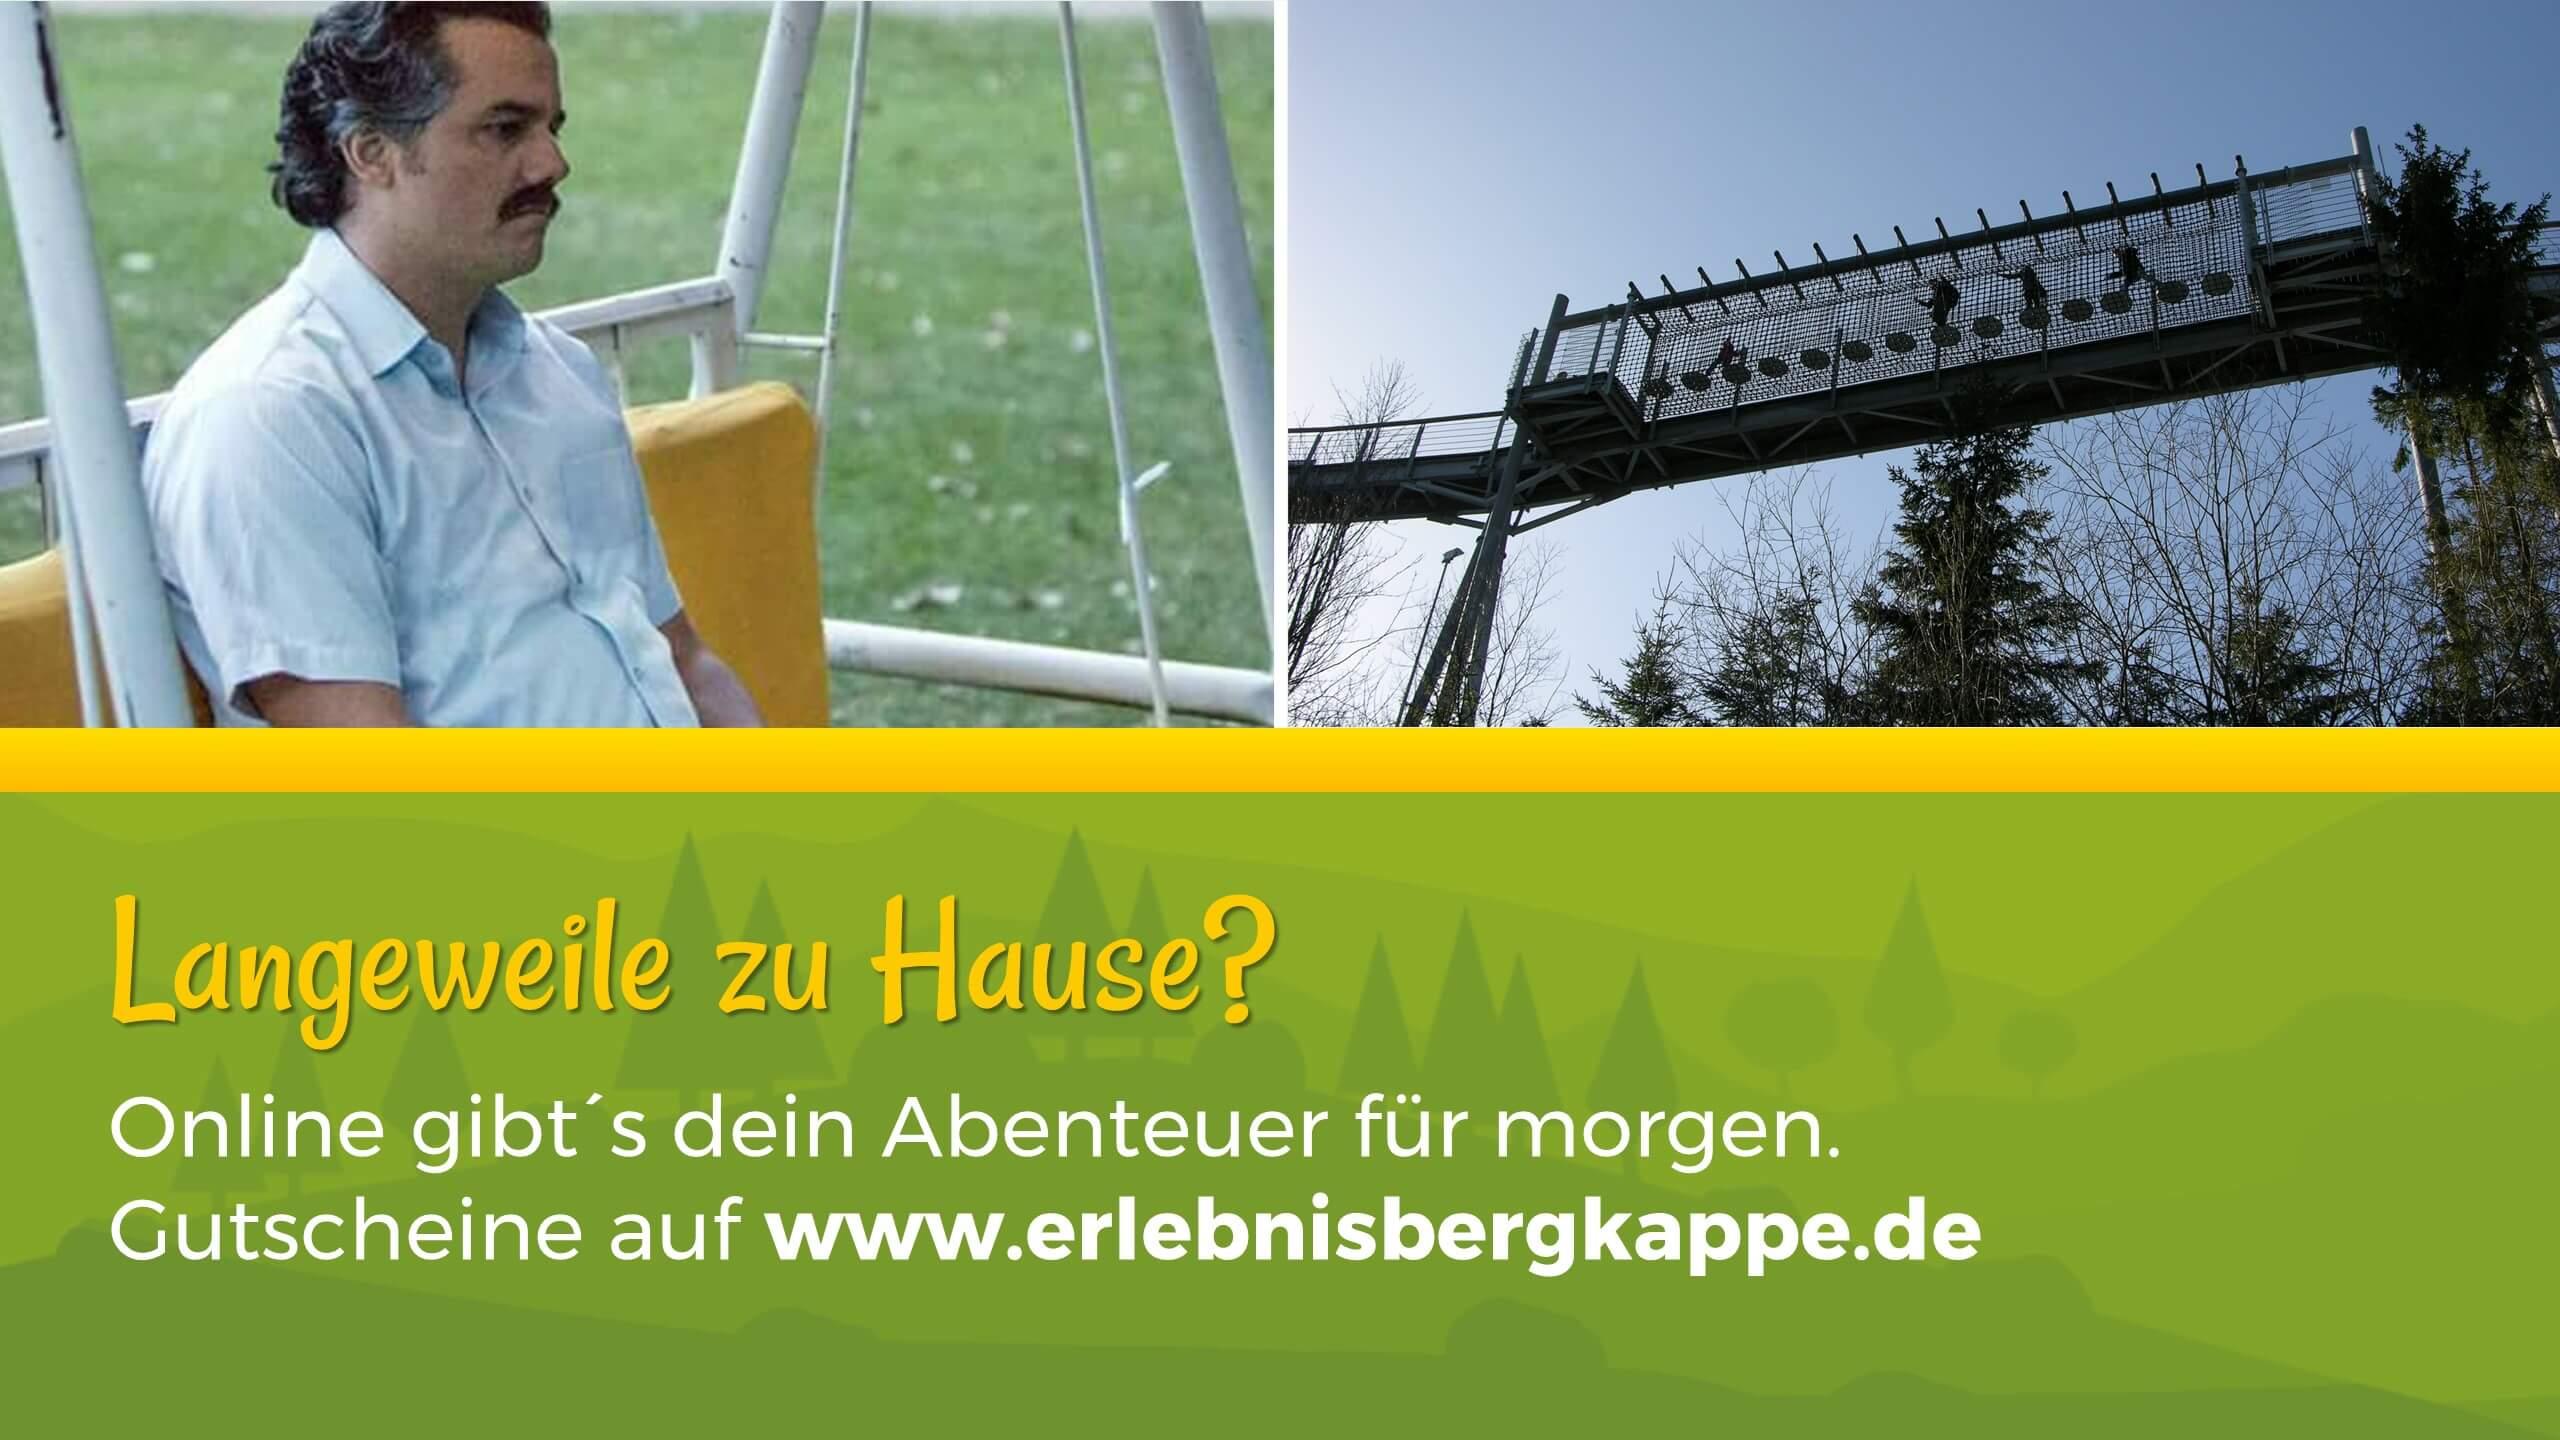 Gutscheine Erlebnisberg Kappe Winterberg (4)